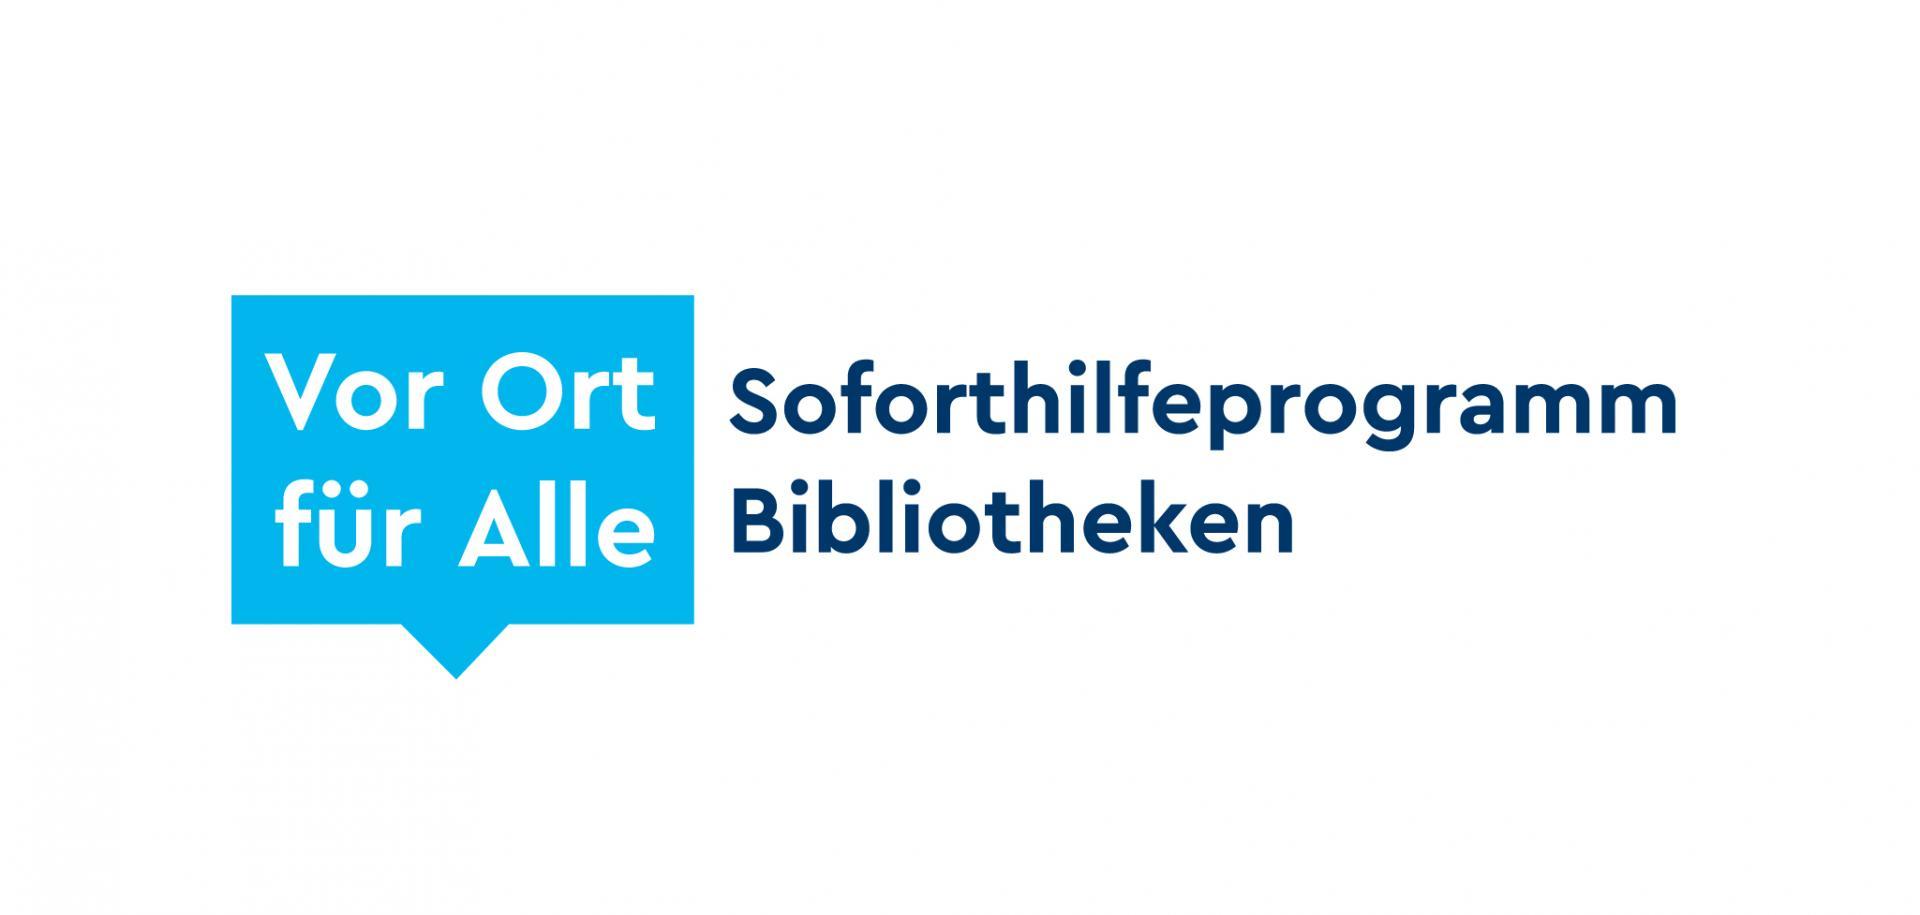 Logo Vor Ort für Alle - Soforthilfeprogramm